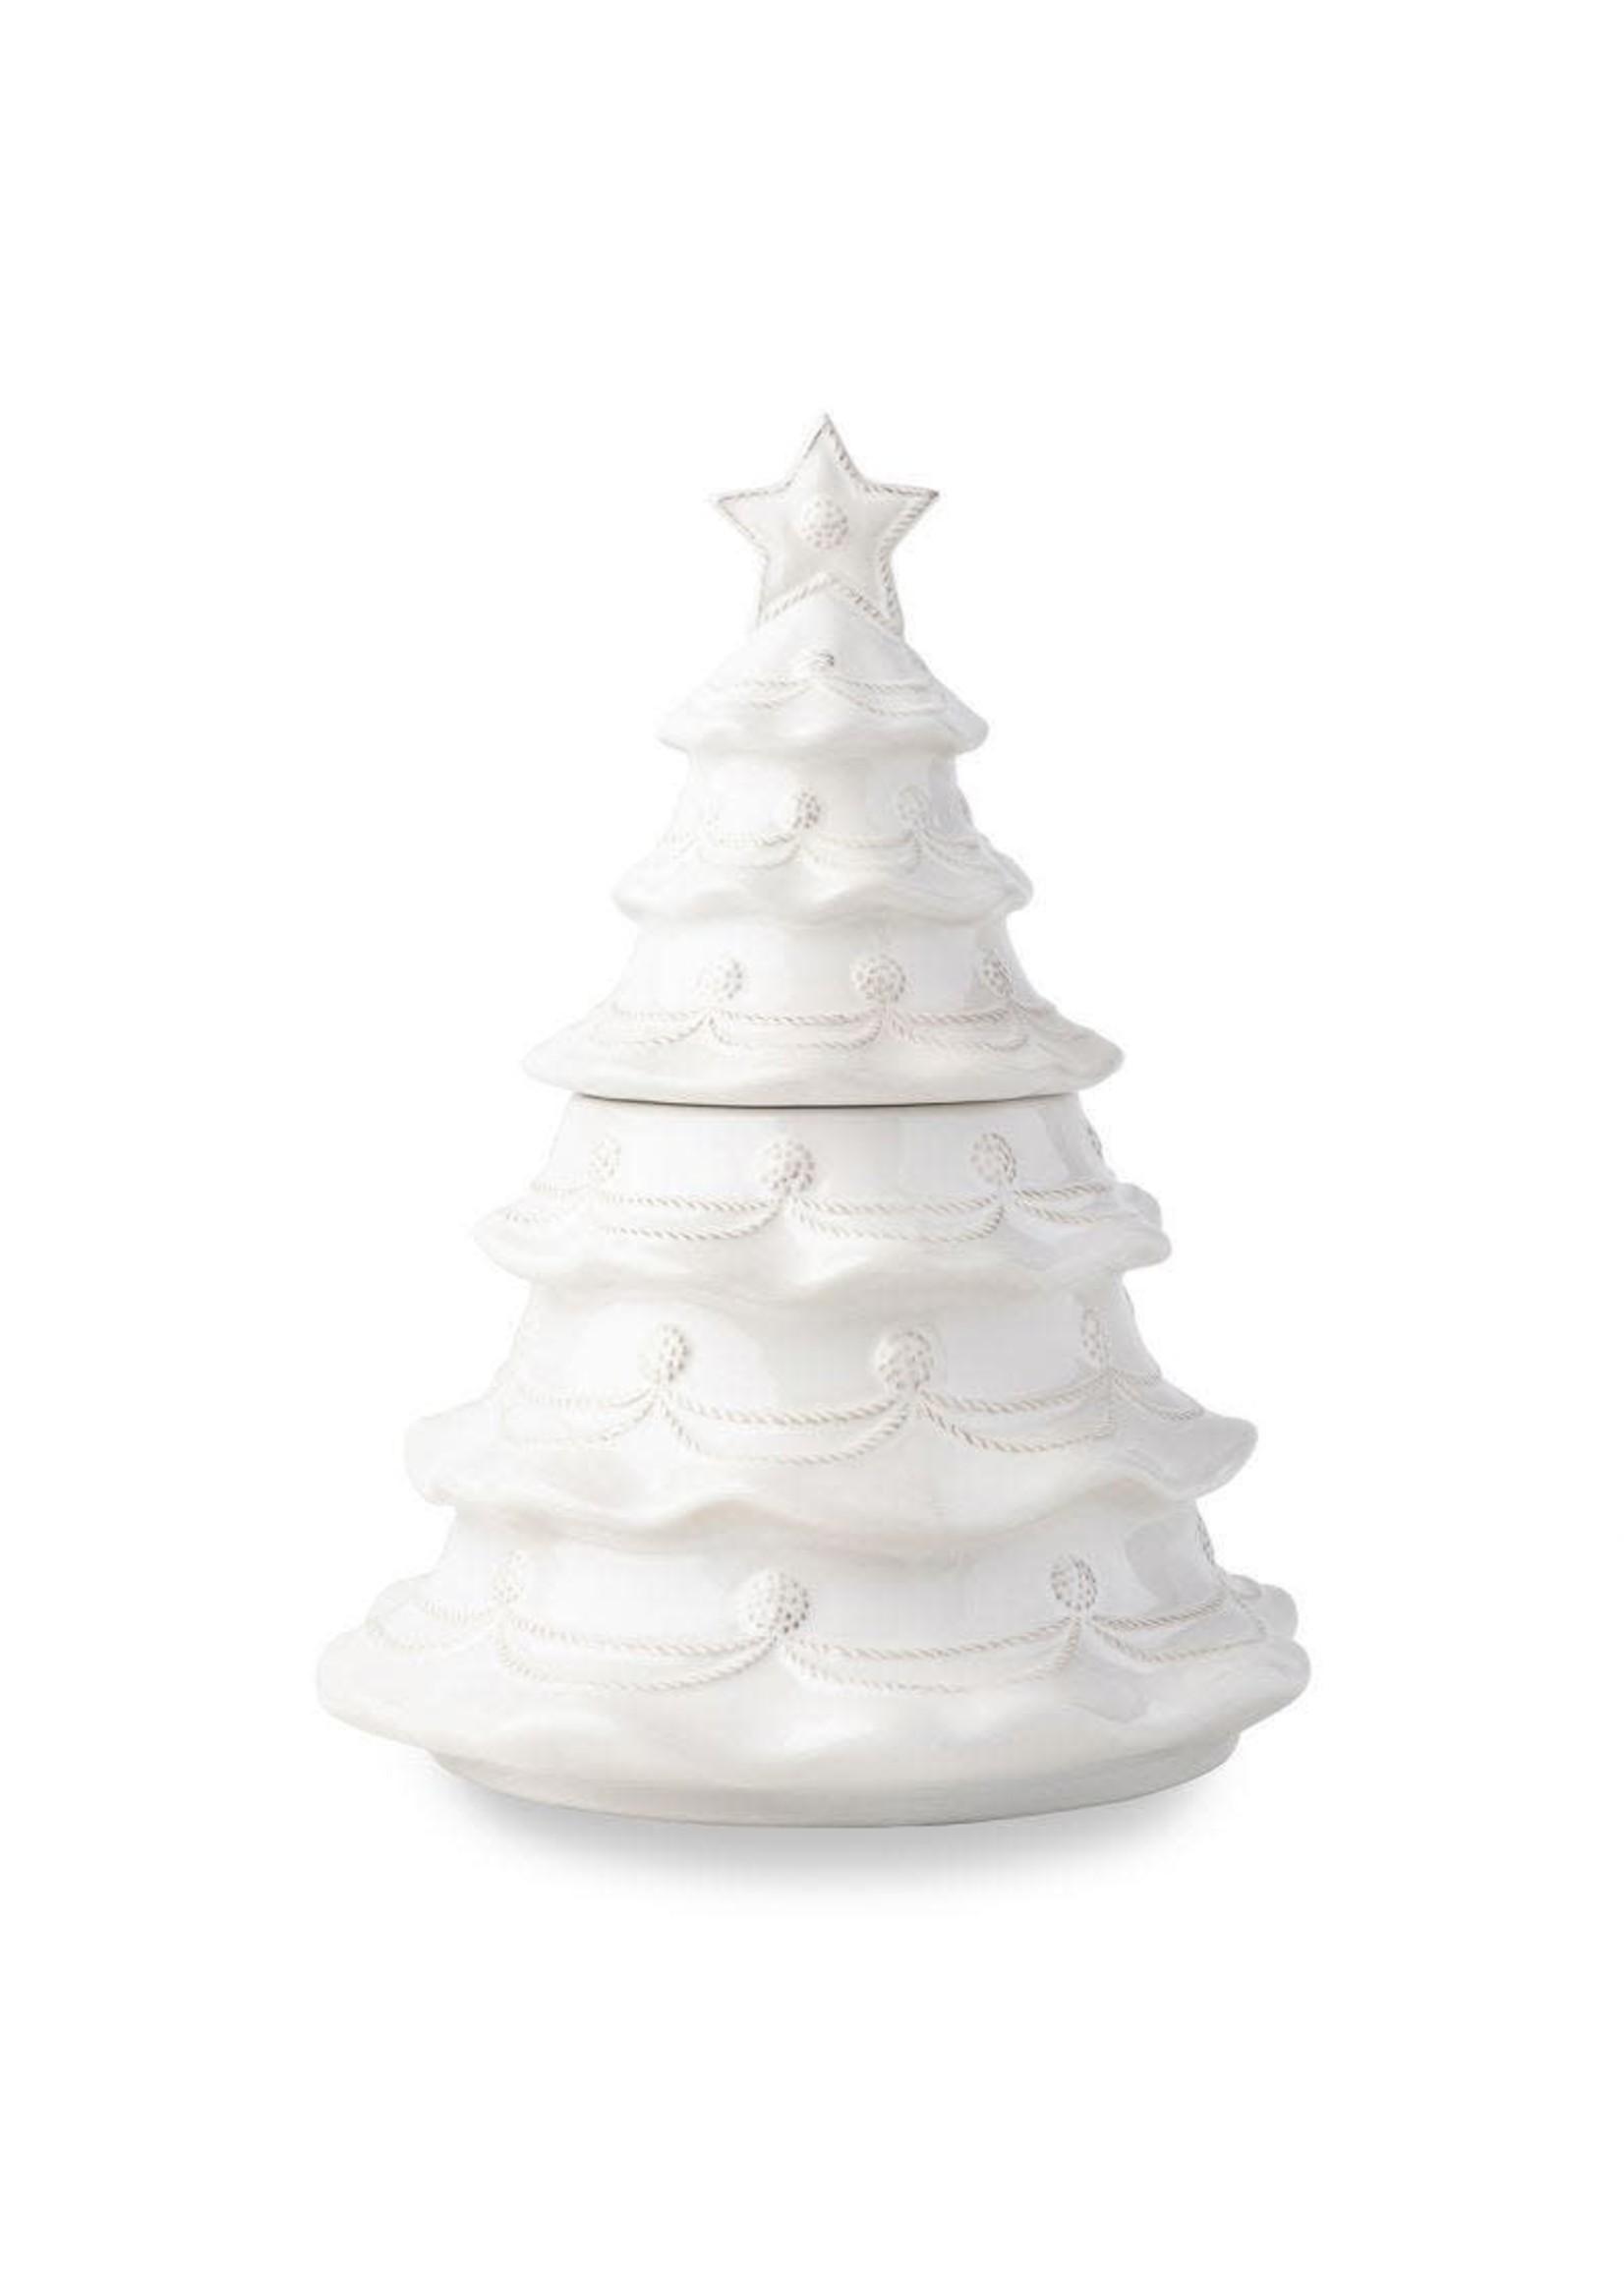 Juliska Berry & Thread Christmas Tree Cookie Jar